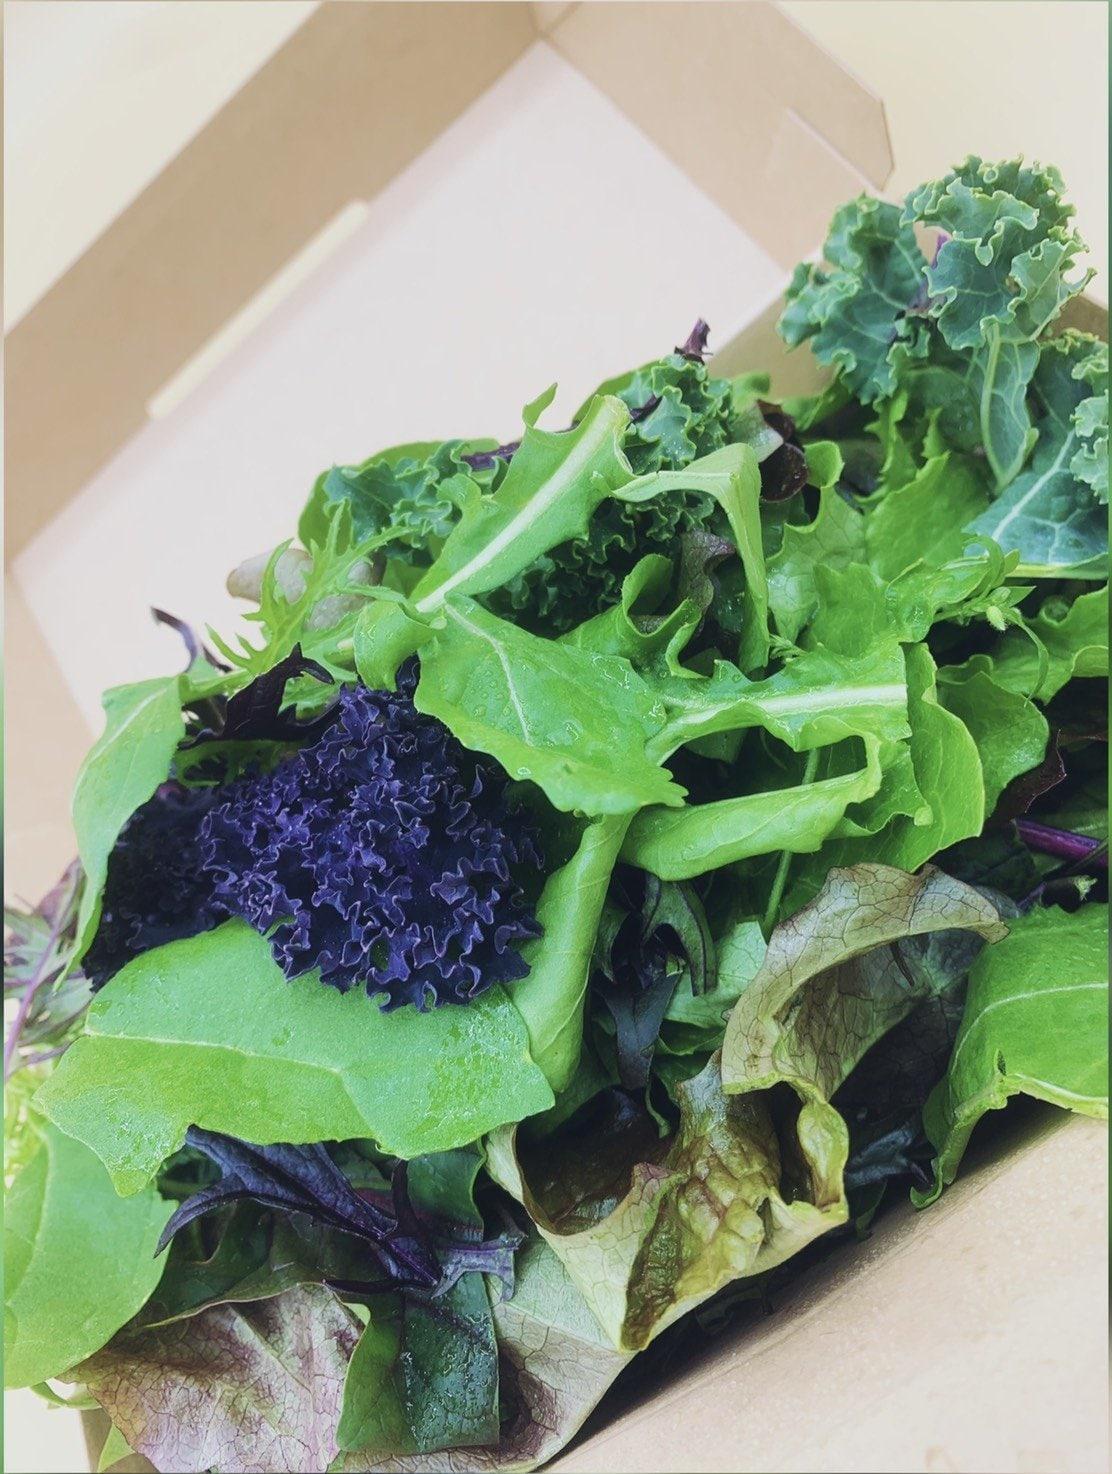 【テイクアウト専用】中西ファームこだわり野菜のシンプルグリーンサラダのイメージその1